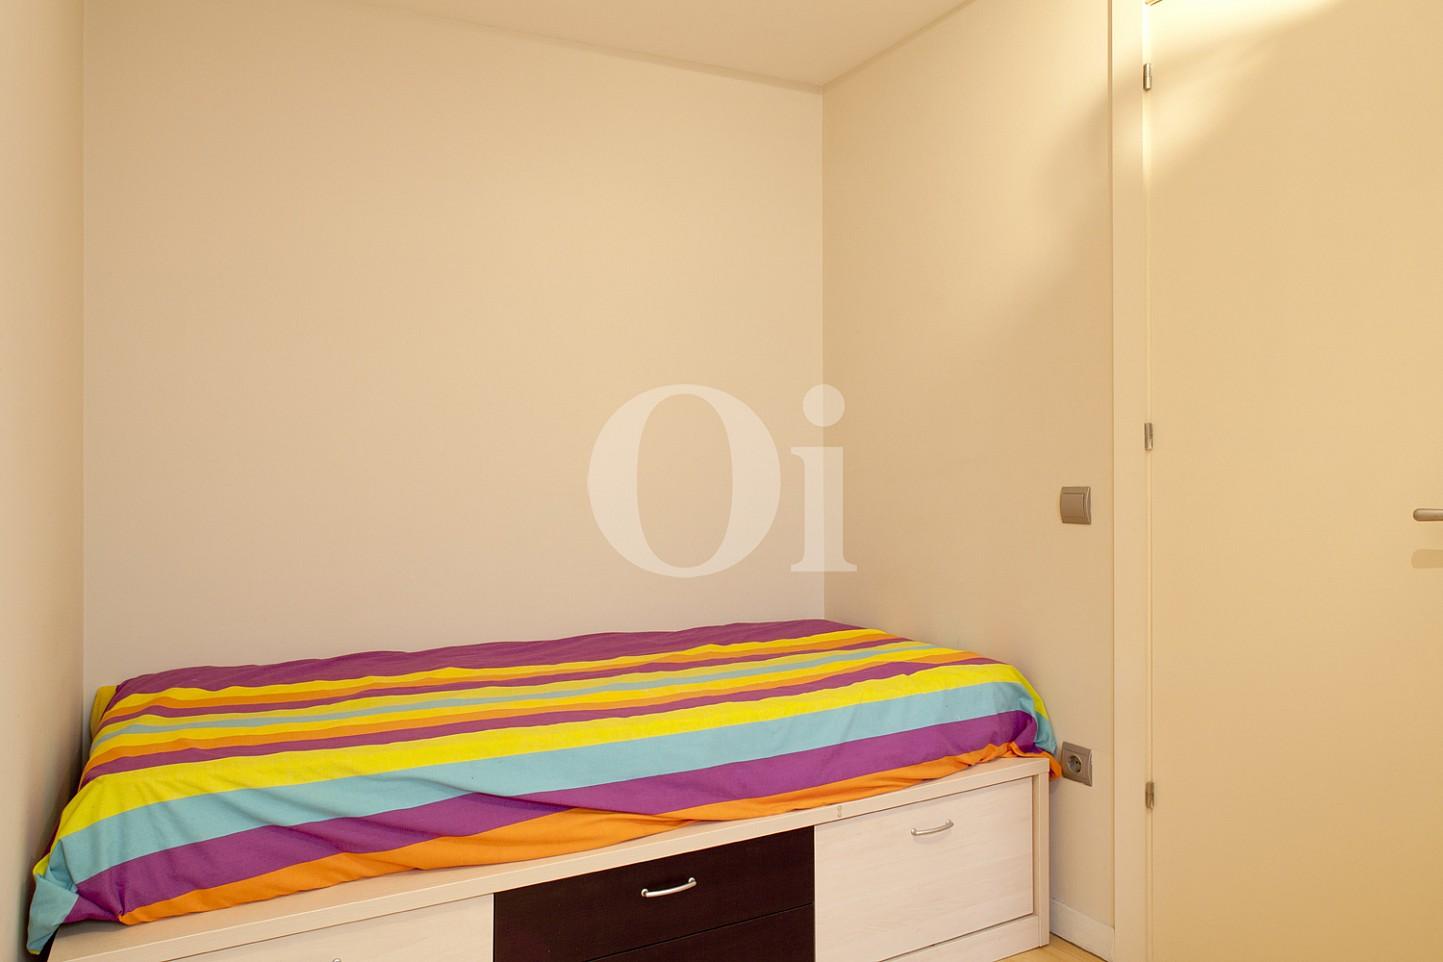 dormitorio, habitación, dormitorio individual, habitación individual, cama individual,